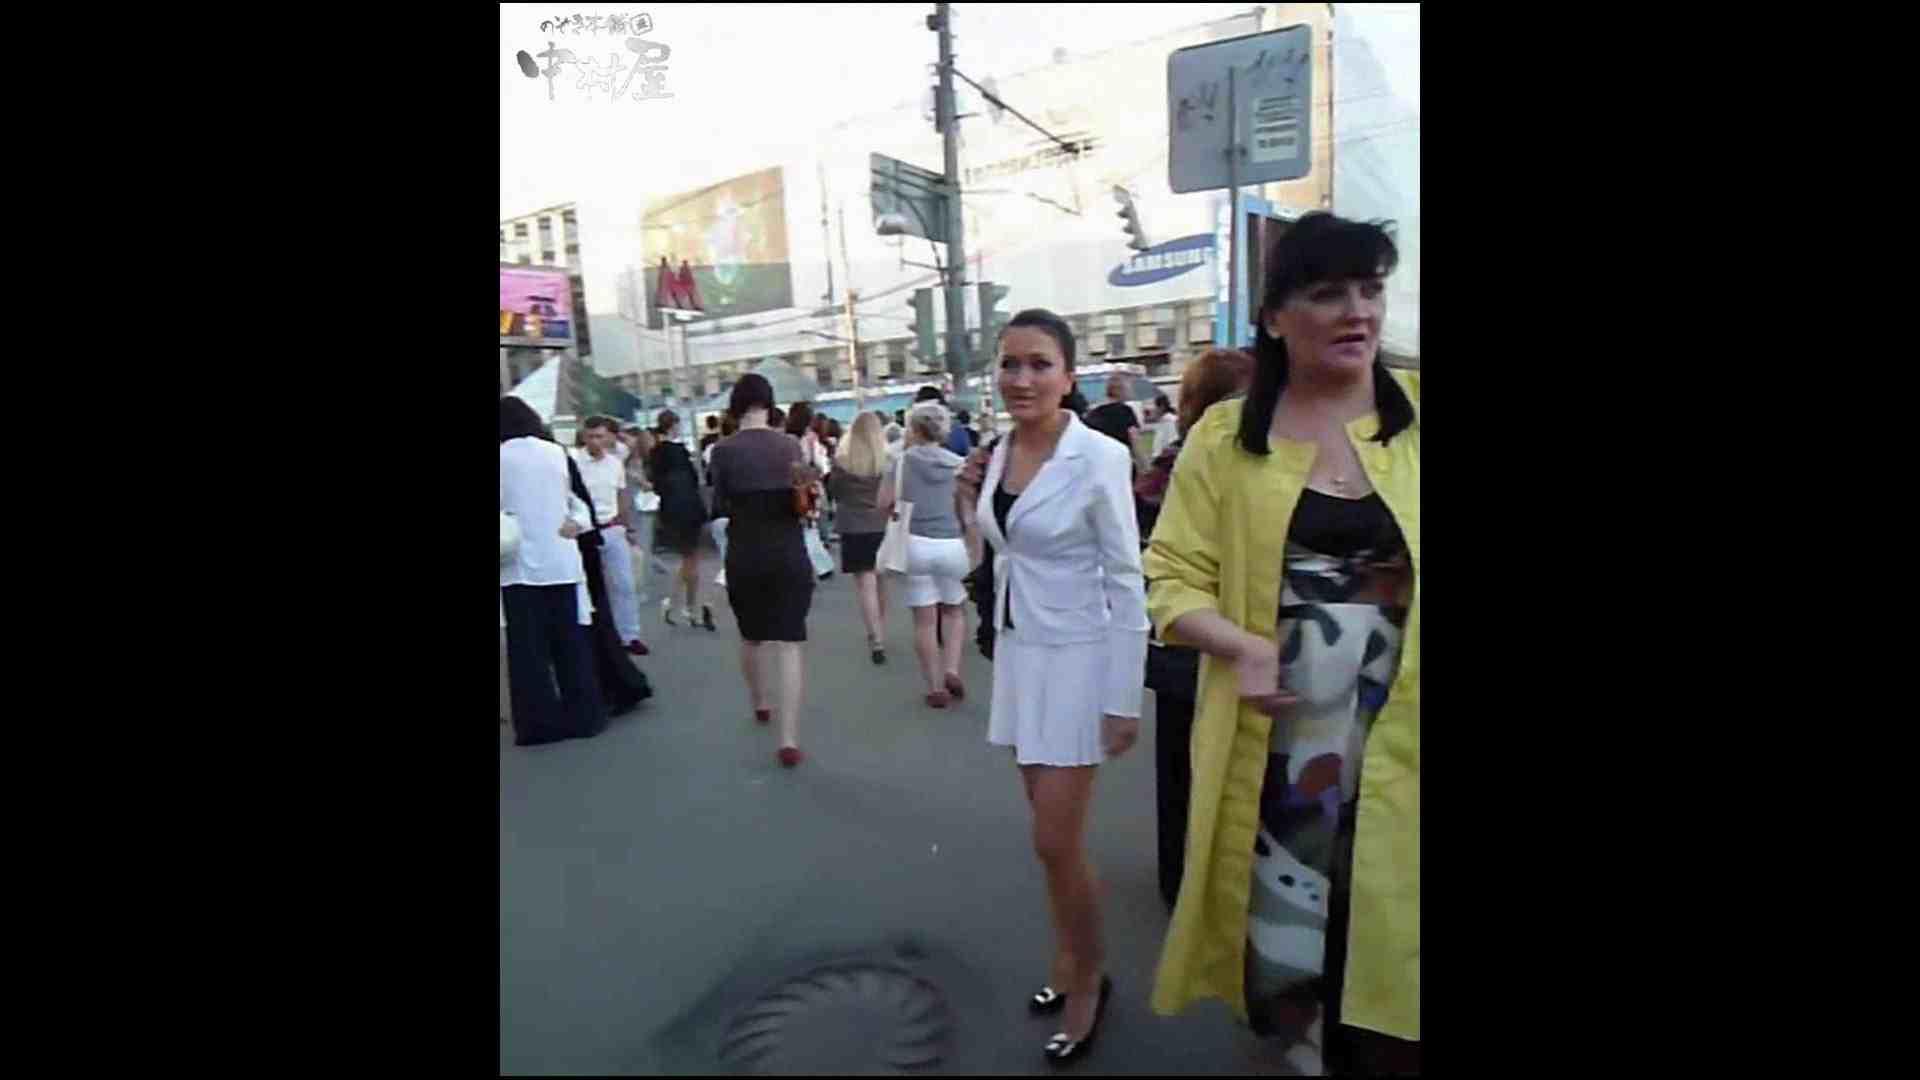 綺麗なモデルさんのスカート捲っちゃおう‼ vol26 Hなお姉さん | HなOL  76pic 38